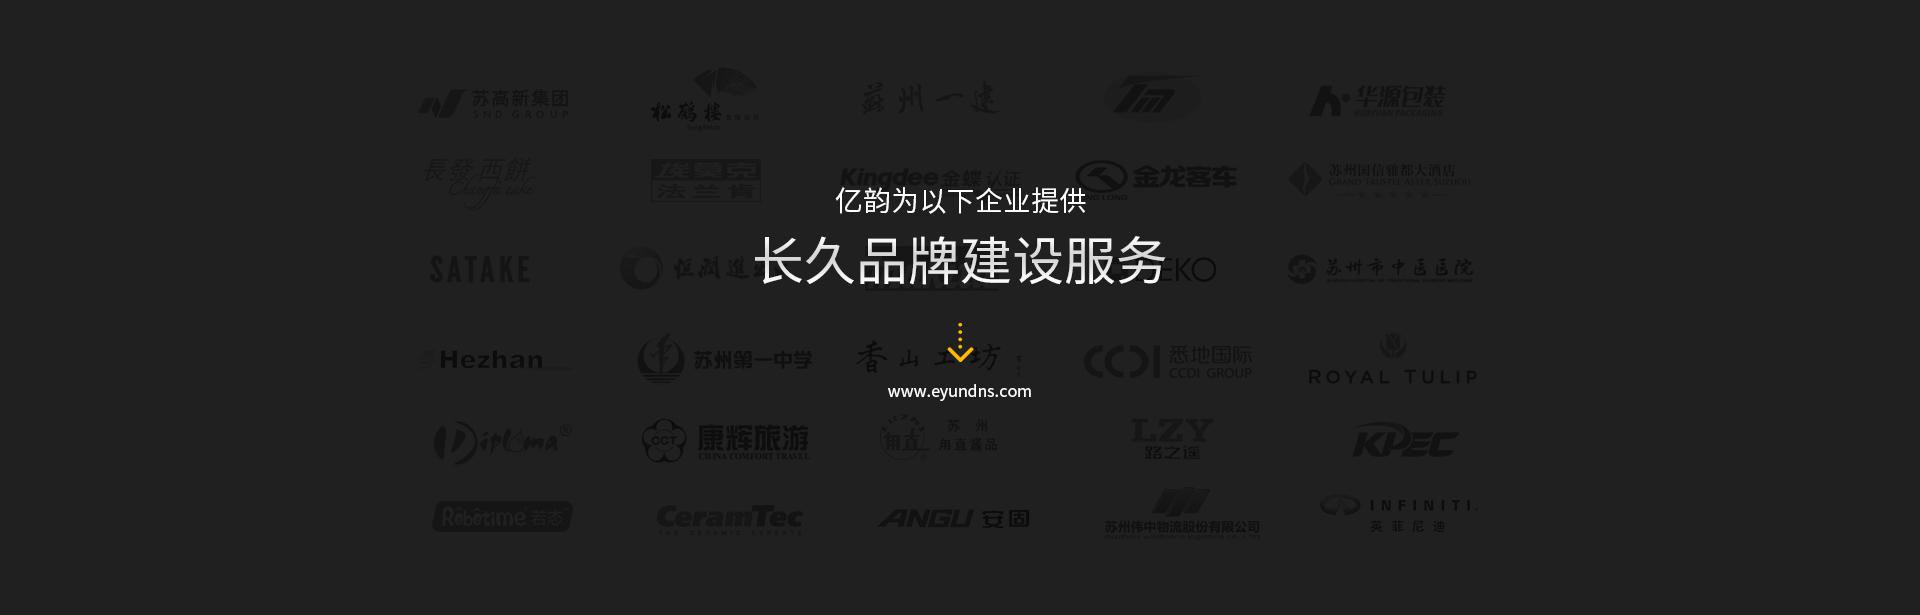 苏州网站建设公司